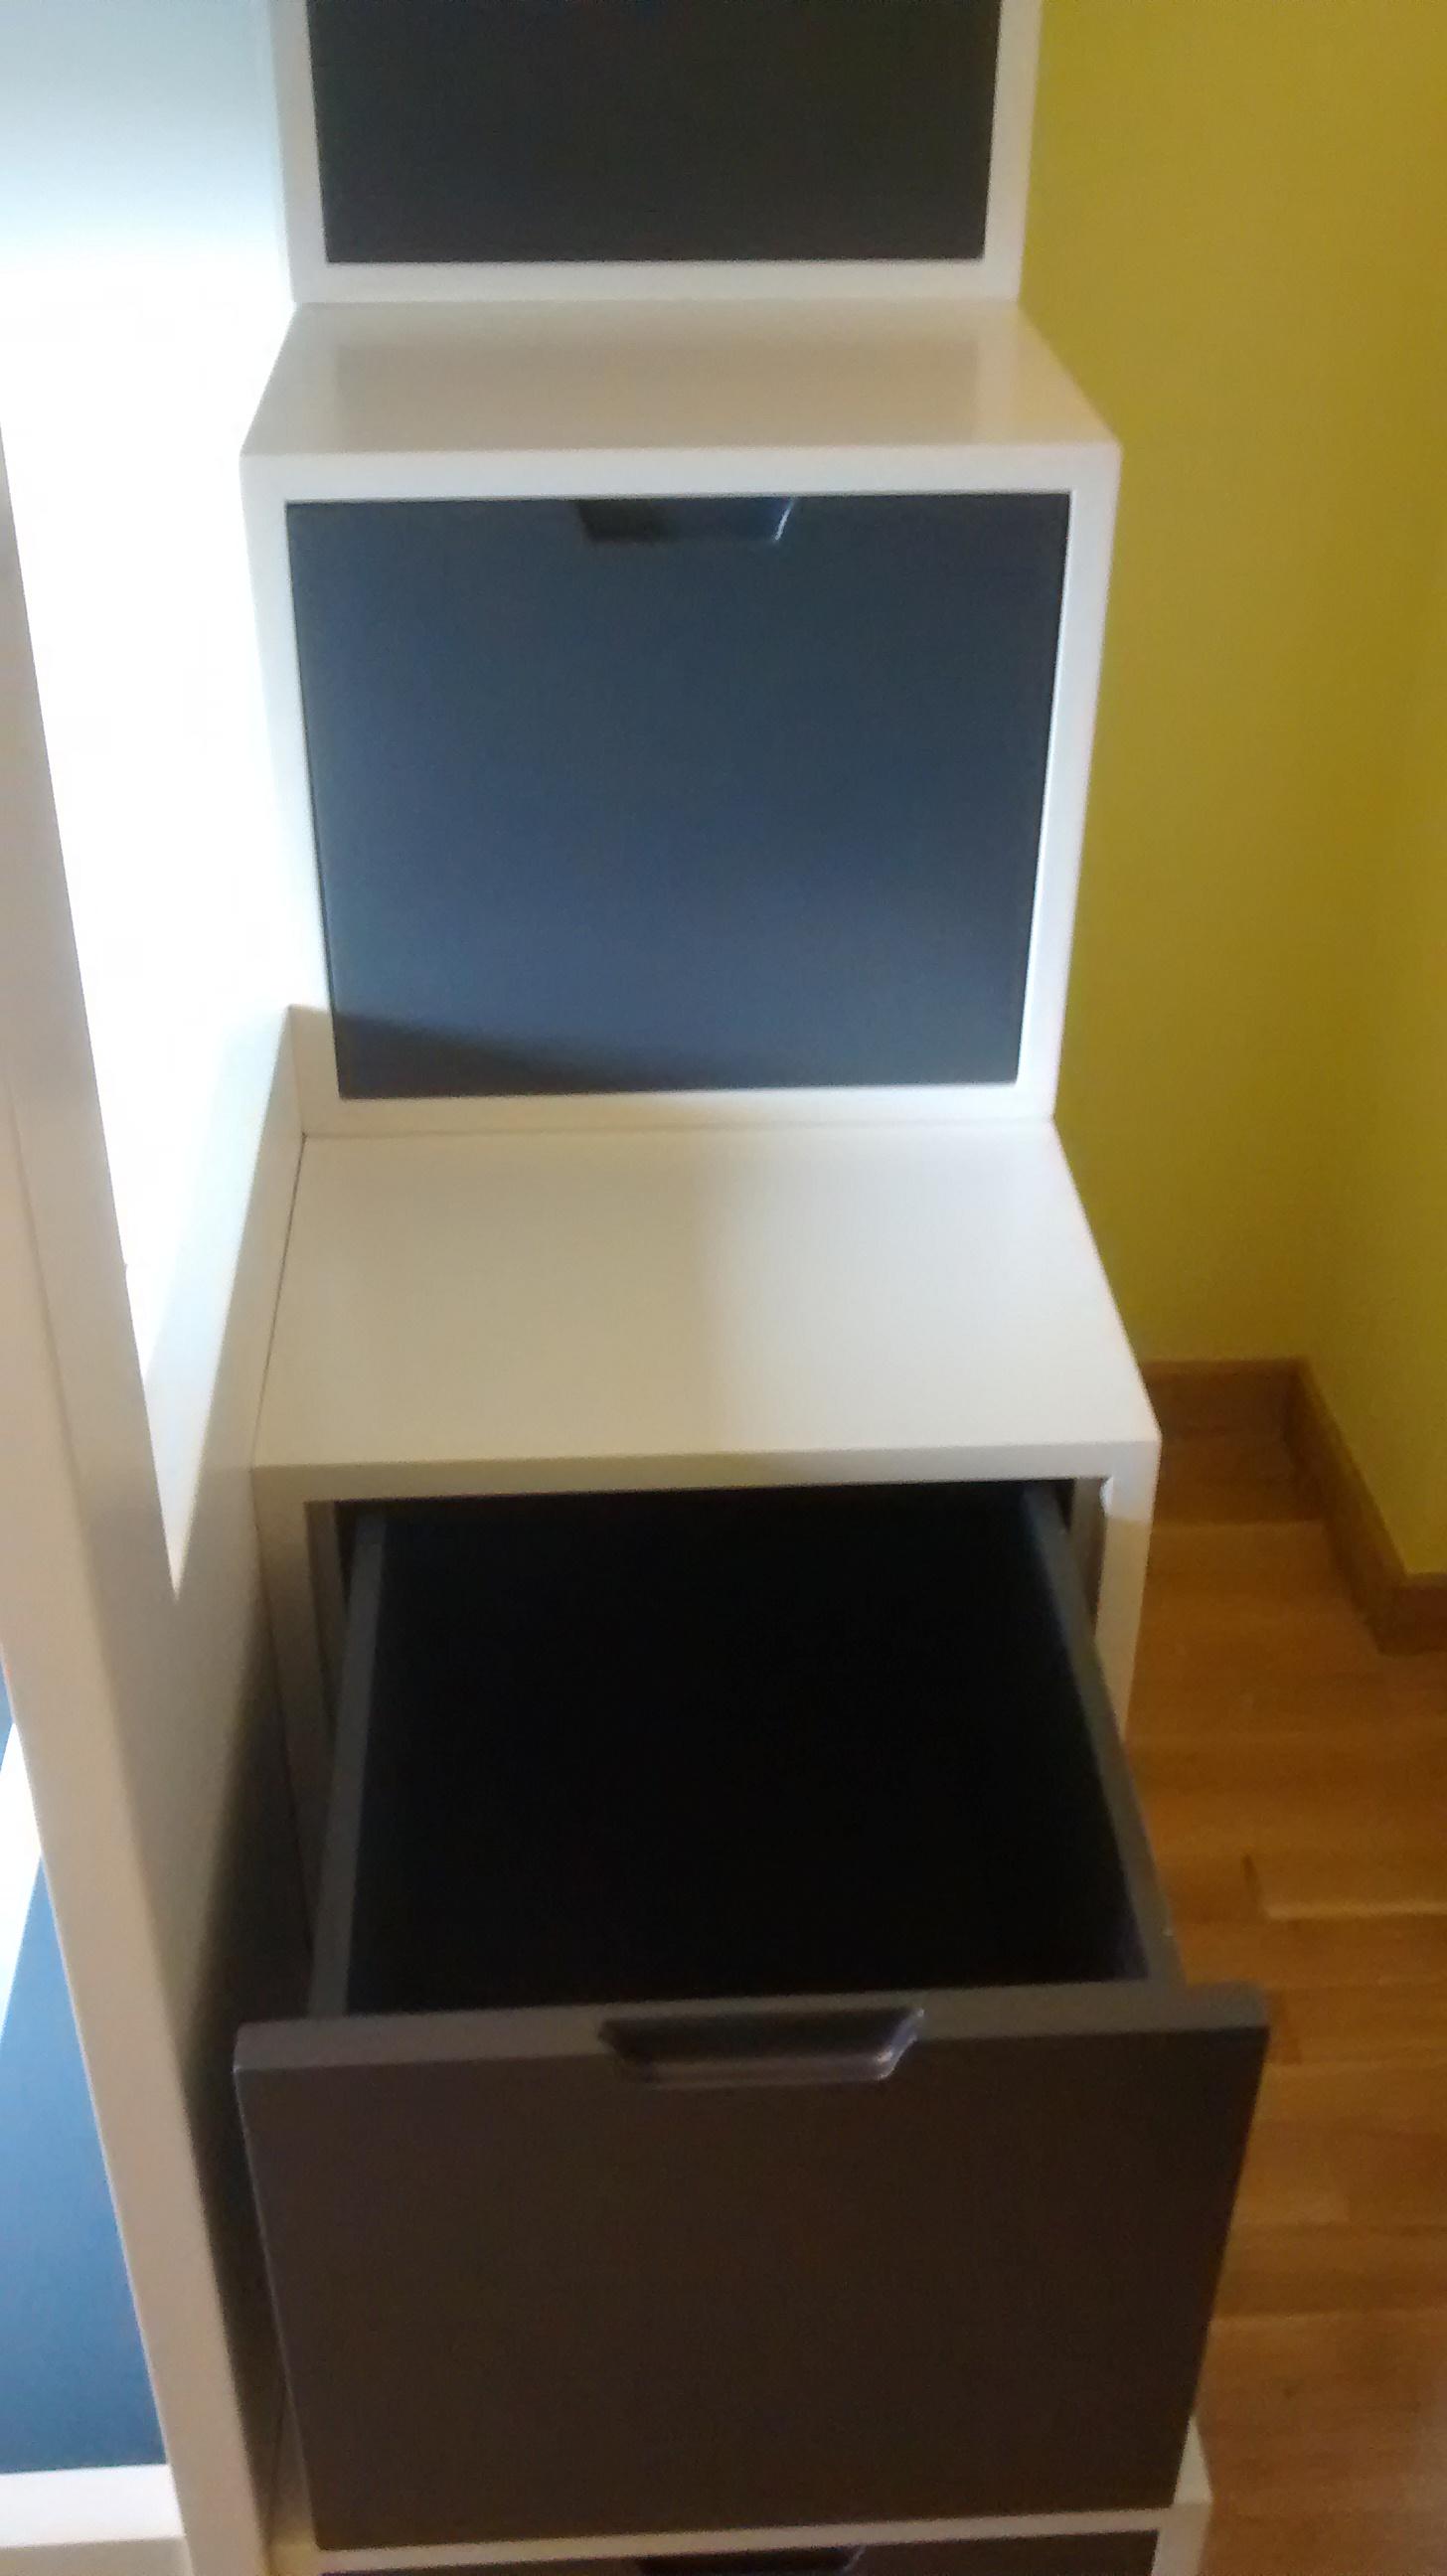 Escaleras para camas nido piezas para cama bed with - Escaleras para camas nido ...